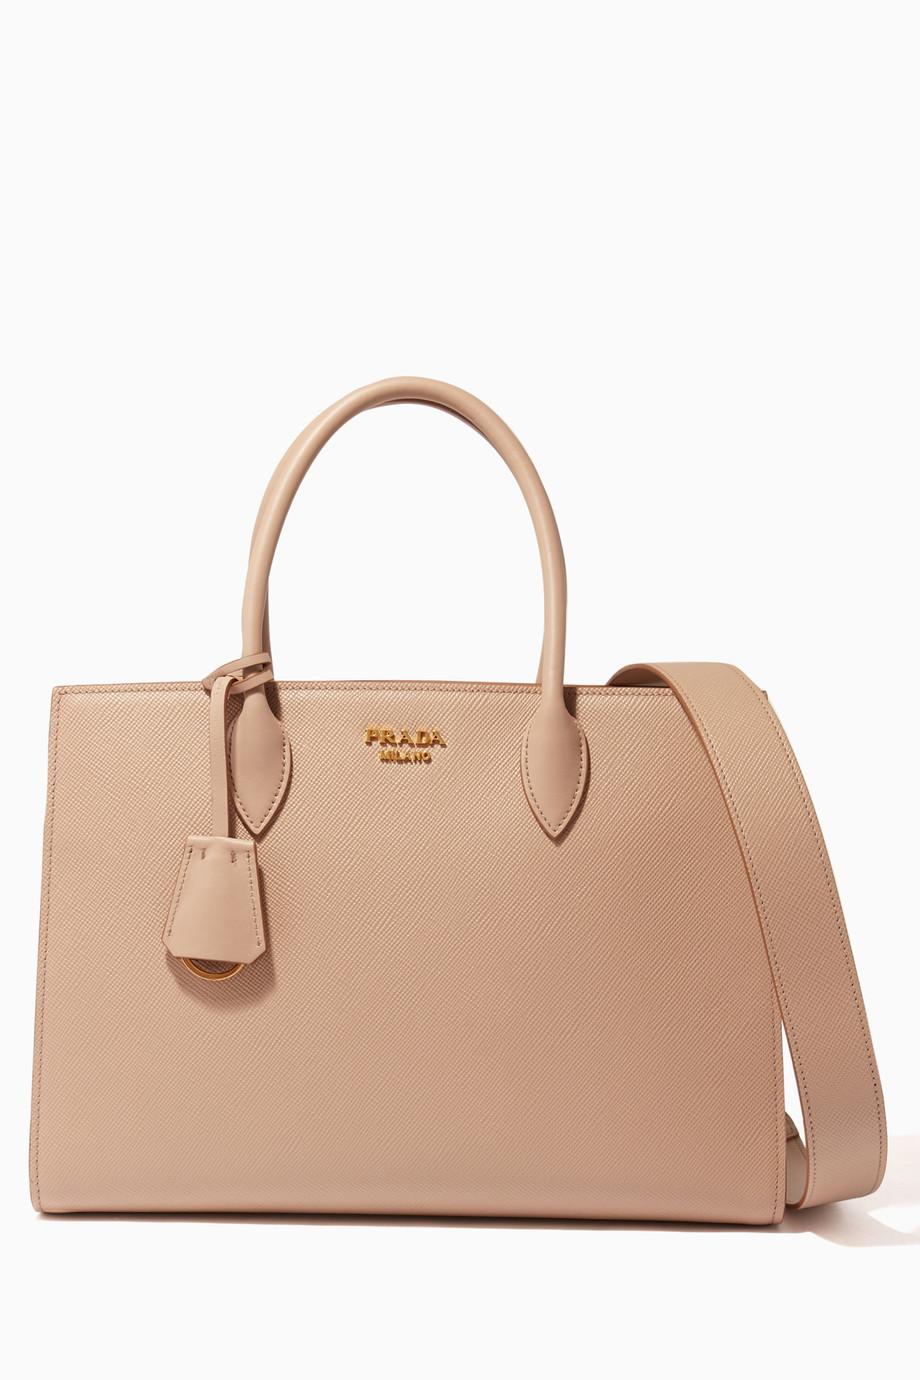 1d3a5824d تسوق حقيبة يد بيبيوتيك كبيرة جلد سافيانو بيج Prada لون طبيعى للنساء   اُناس  السعودية